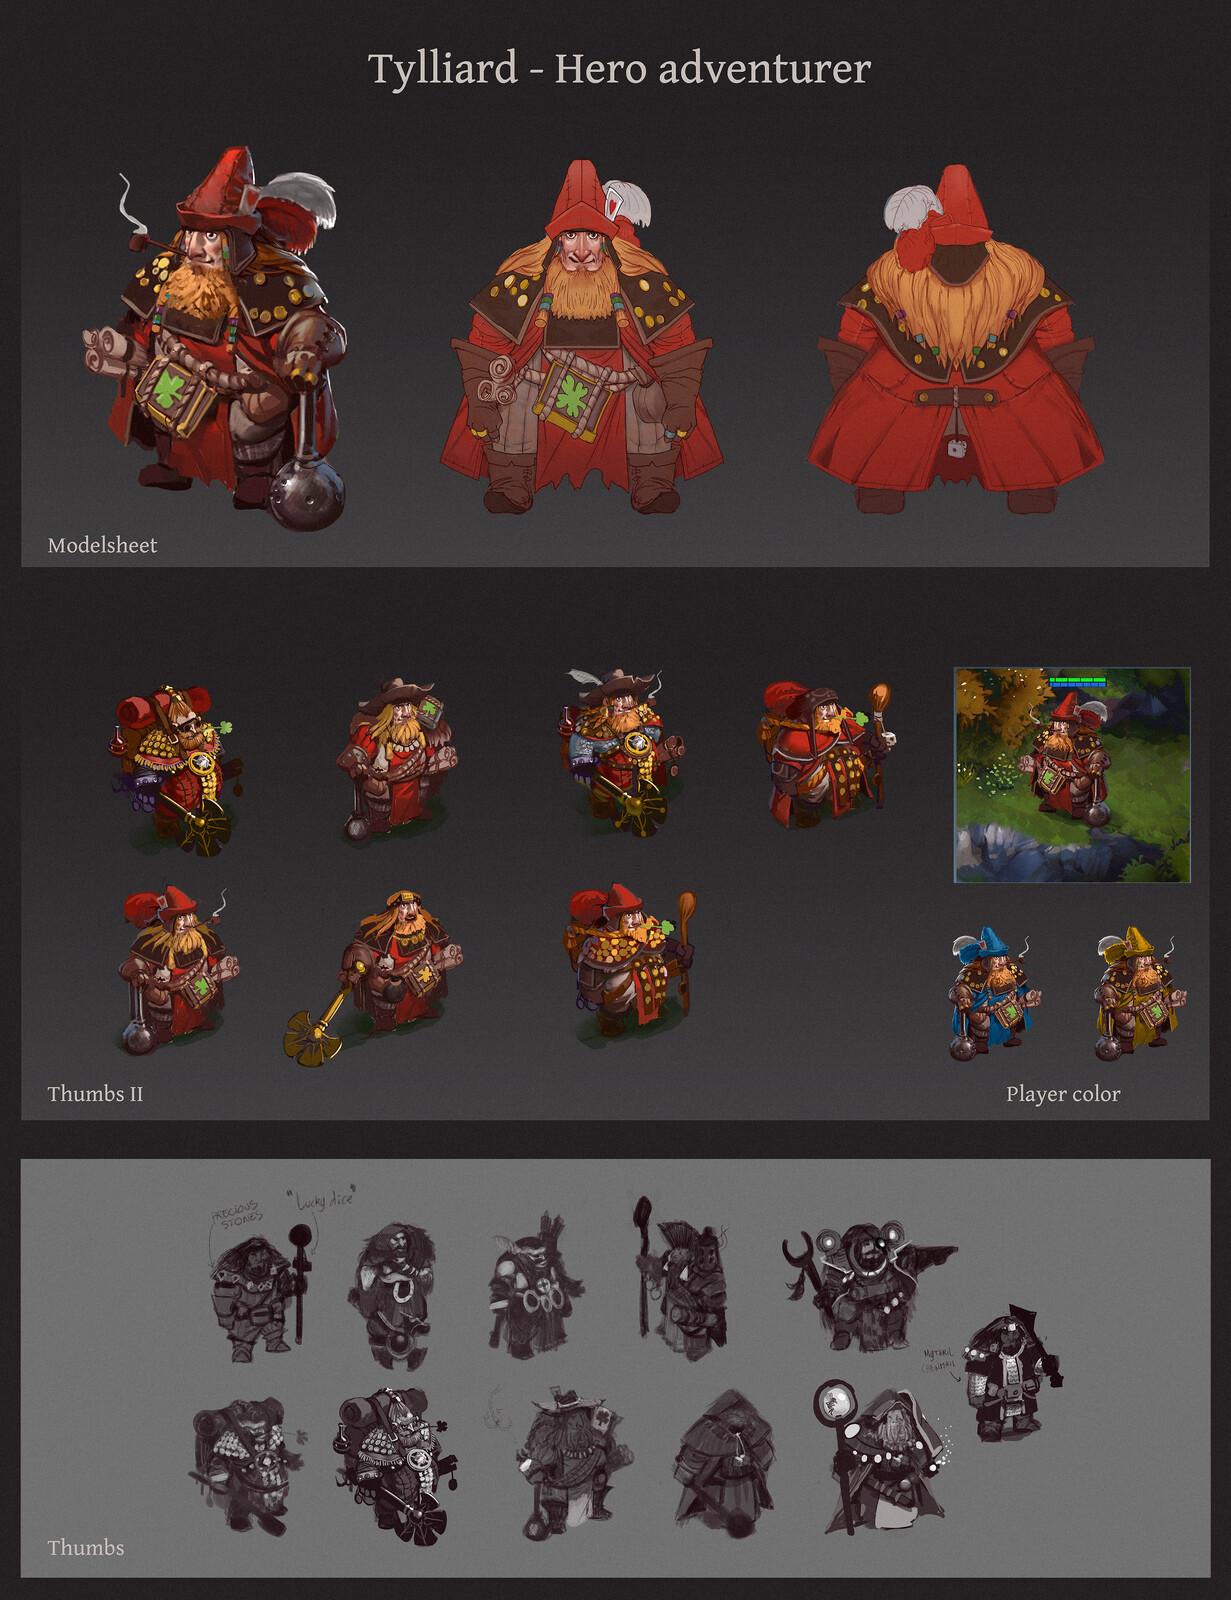 AYOR: Characters